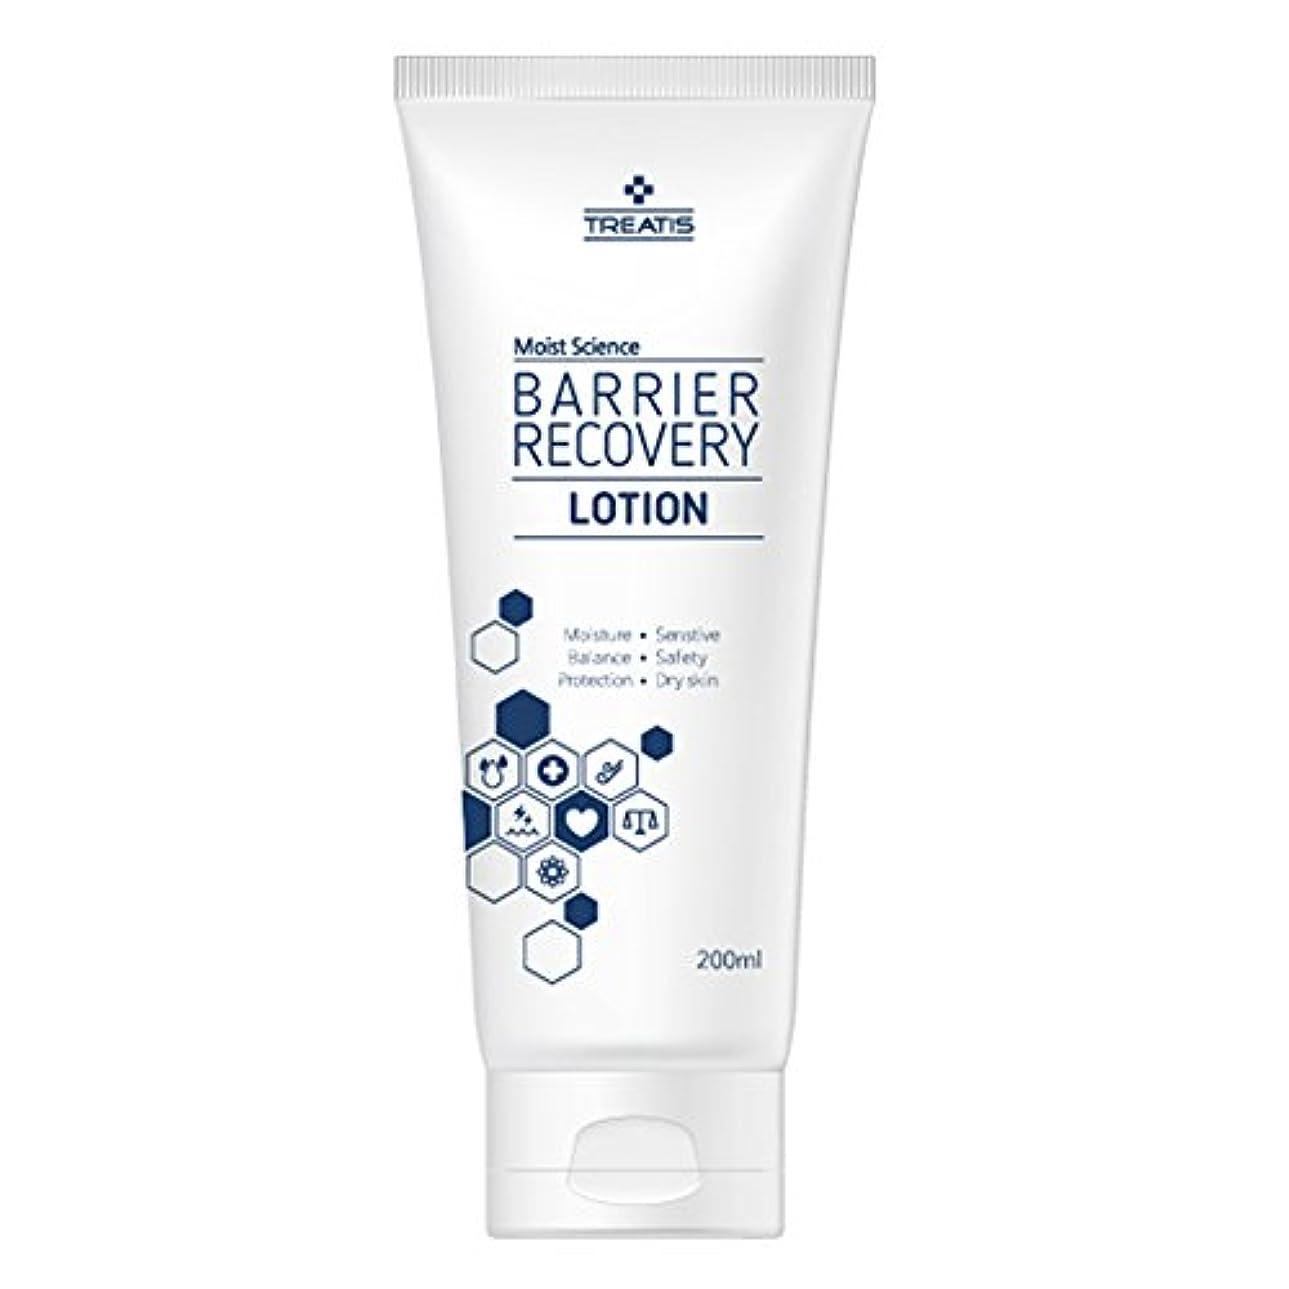 不毛サンダース情報Treatis barrier recovery lotion 7oz (200ml)/Moisture, Senstive, Balance, Safty, Protection, Dry skin [並行輸入品]